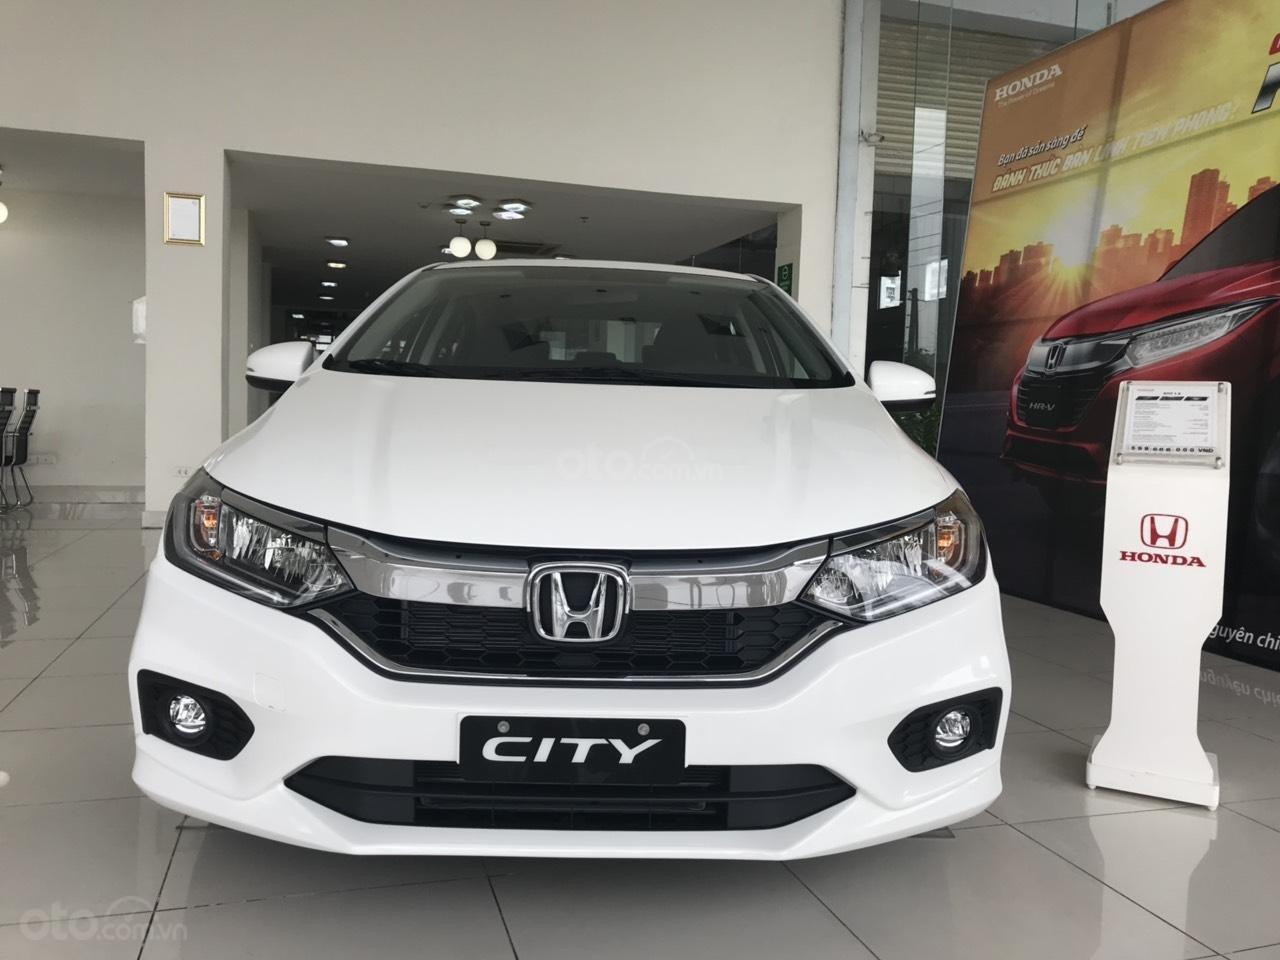 Giảm giá sốc cuối năm chiếc xe Honda City Top 1.5 đời 2019, màu trắng - Có sẵn xe - Giao nhanh toàn quốc (5)